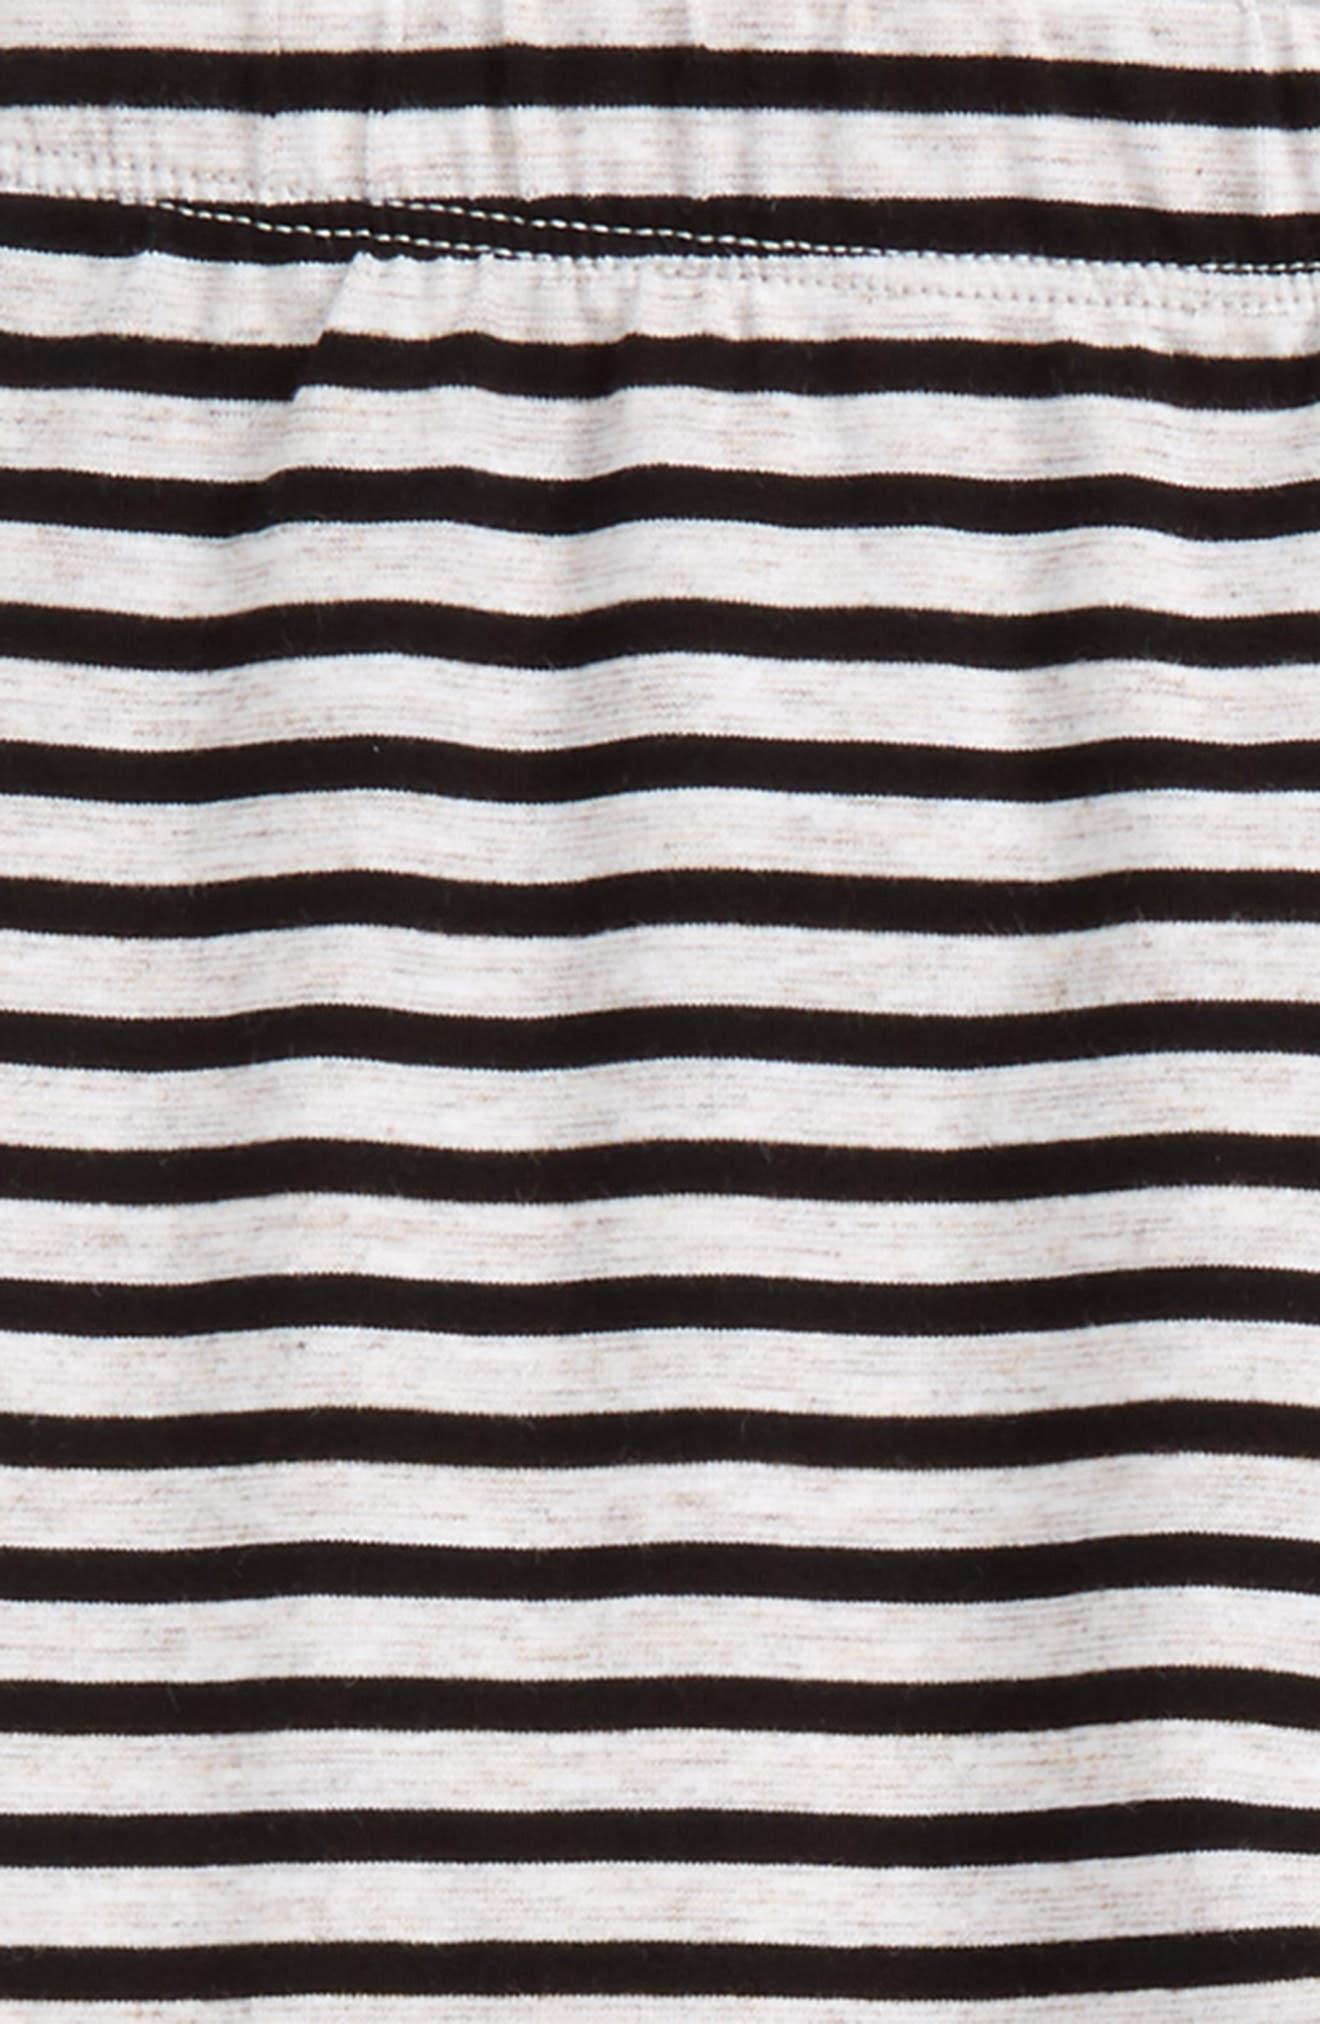 Stripe Leggings,                             Alternate thumbnail 2, color,                             001